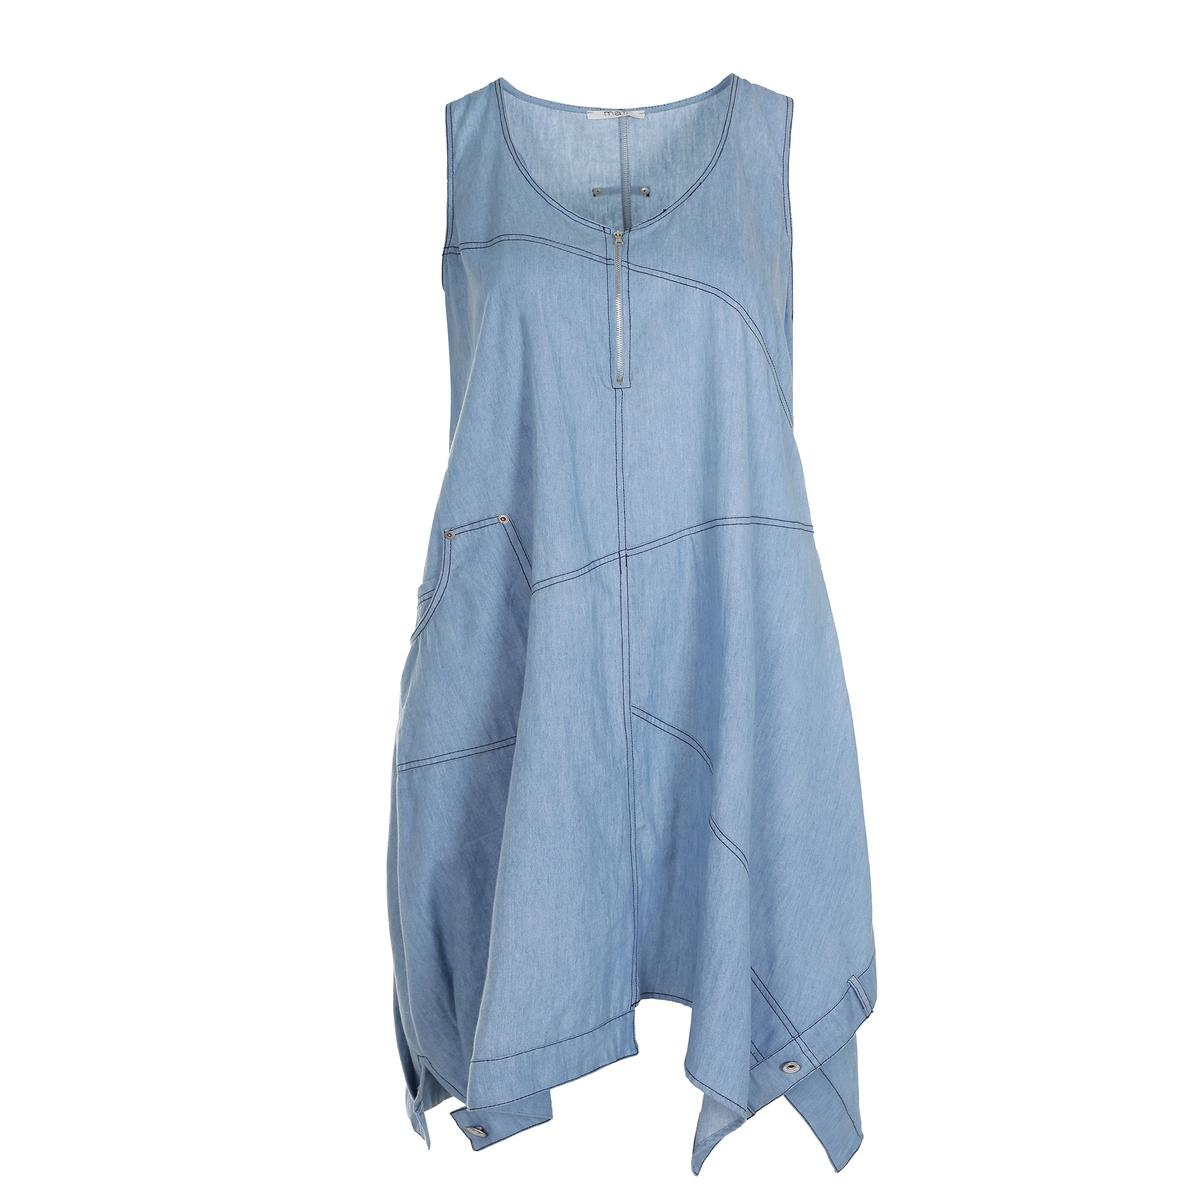 ПлатьеПлатье без рукавов из денима MAT FASHION. 100% хлопок. Асимметричный струящийся покрой из однотонной джинсовой ткани в стиле пэчворк. Без рукавов. V-образный вырез на молнии.<br><br>Цвет: голубой<br>Размер: 48/50 (FR) - 54/56 (RUS)